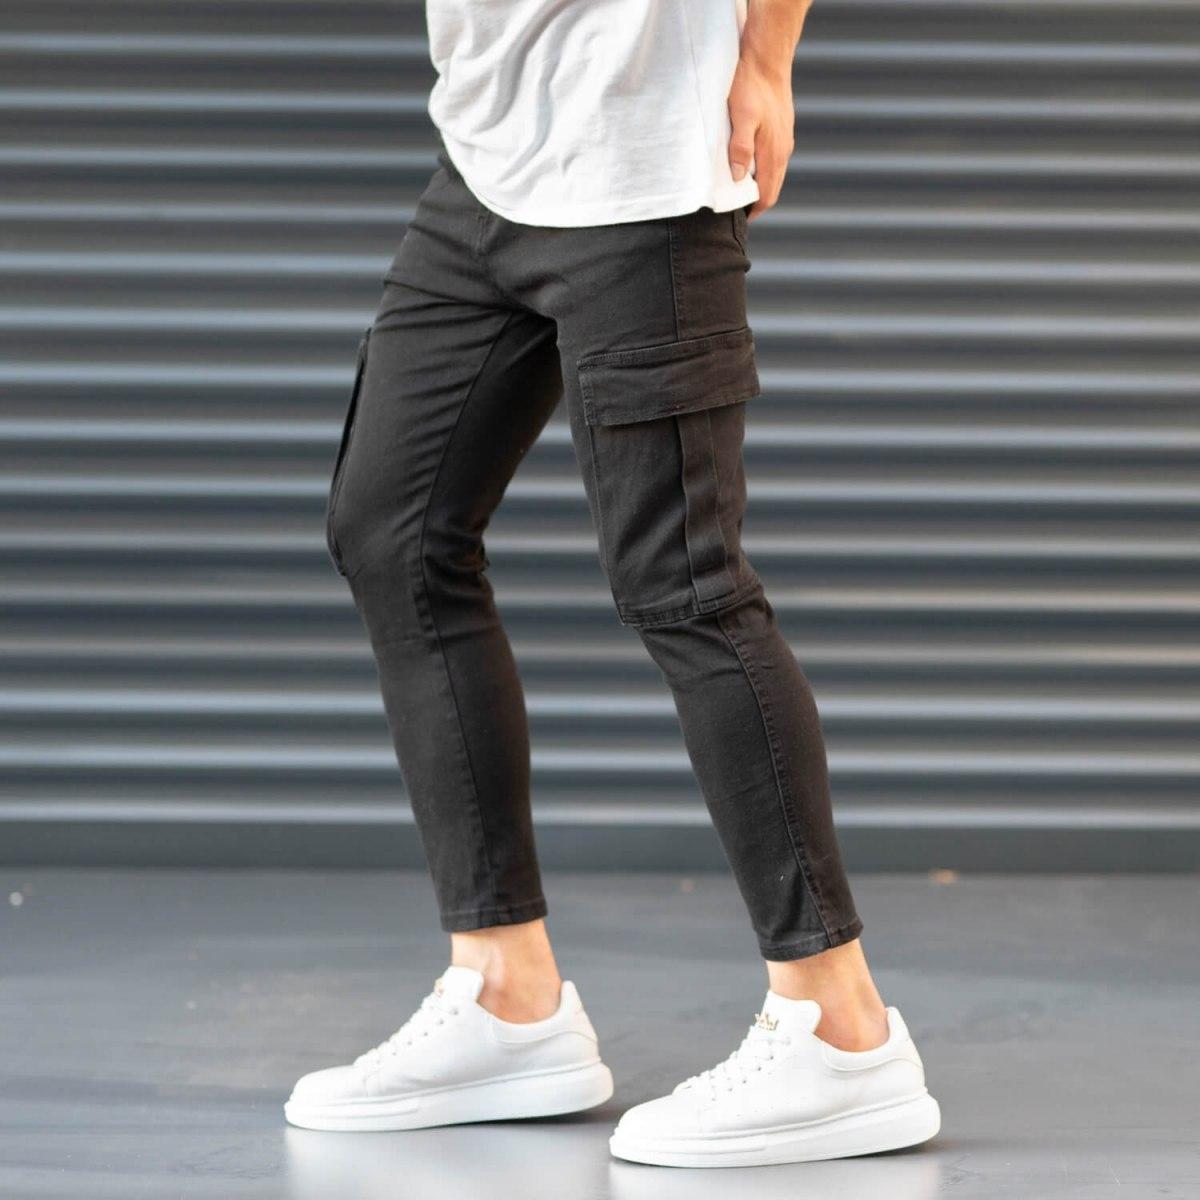 Men's Pocket Style Jeans in Black Mv Premium Brand - 6